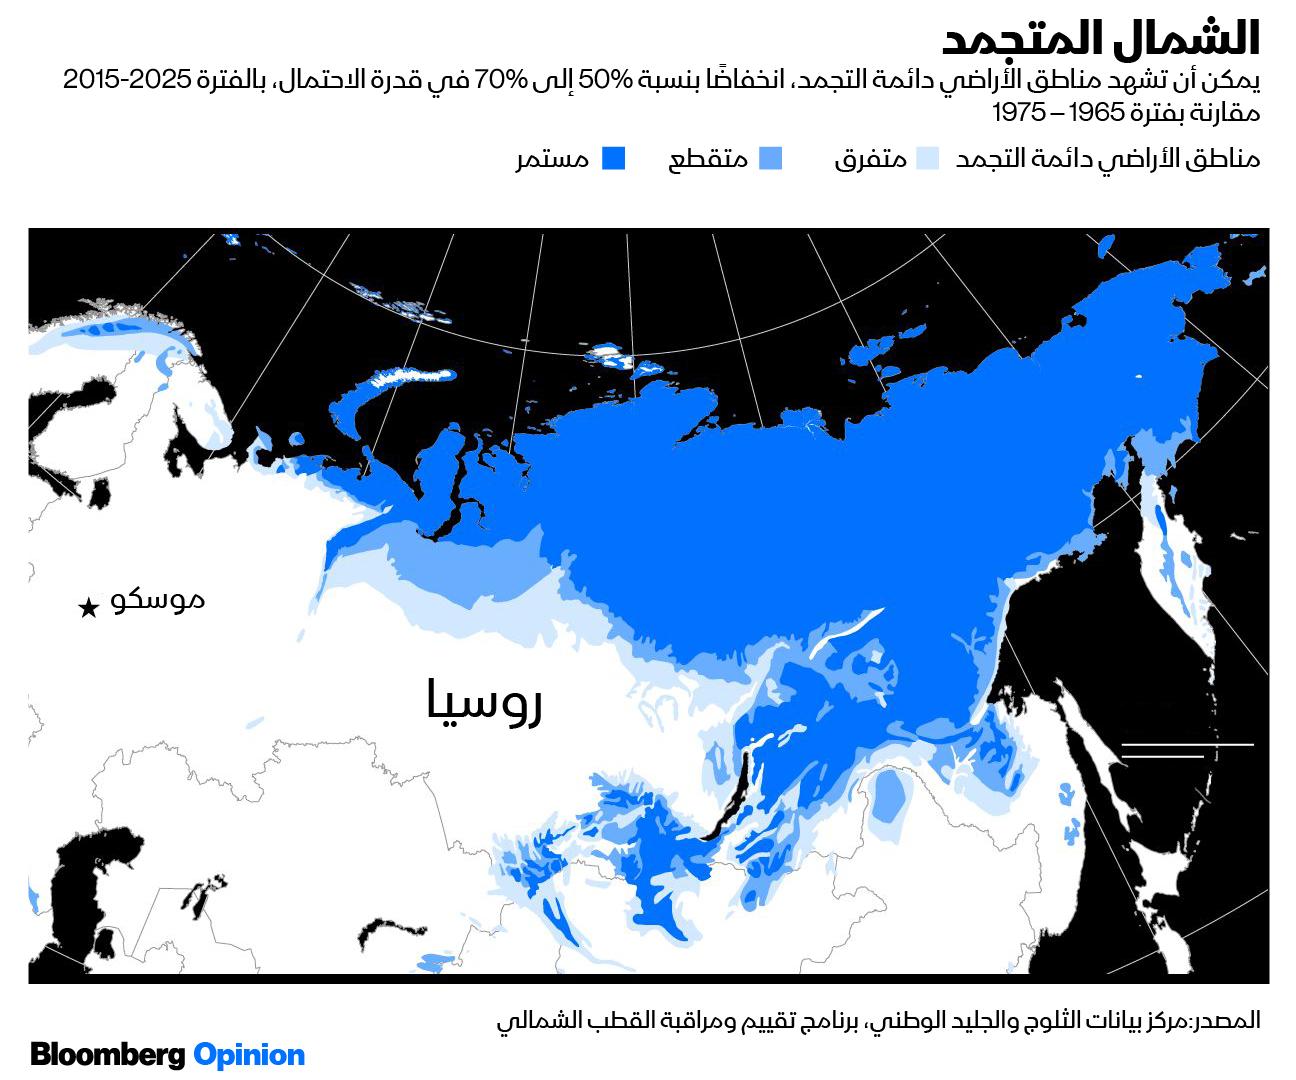 الآثار البيئية العميقة من تبعات اعتماد روسيا الكبير على قطاع النفط والغاز.